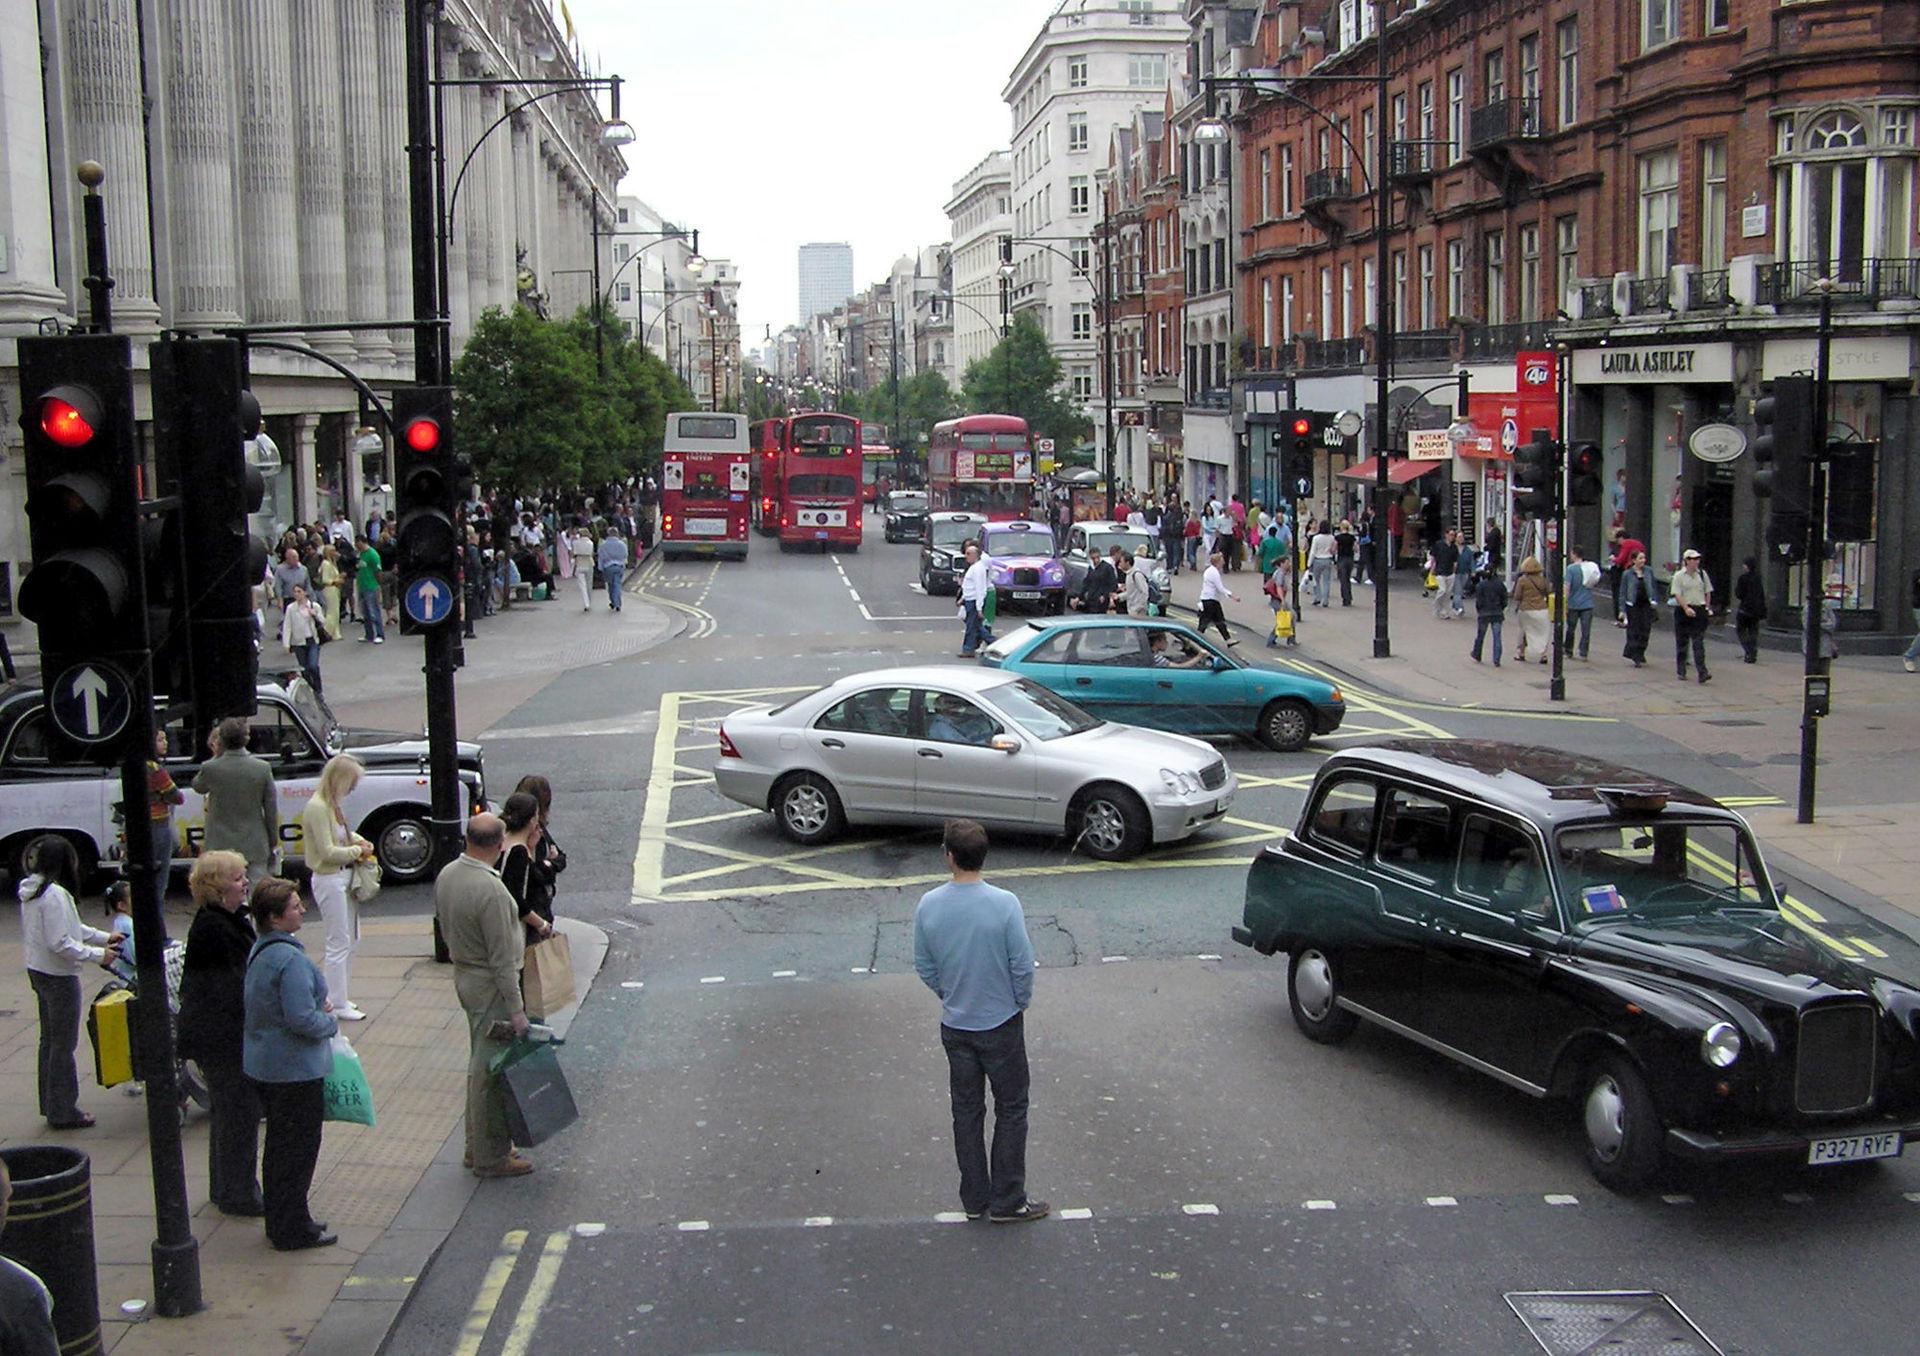 oxford street  u2013 wikipedia